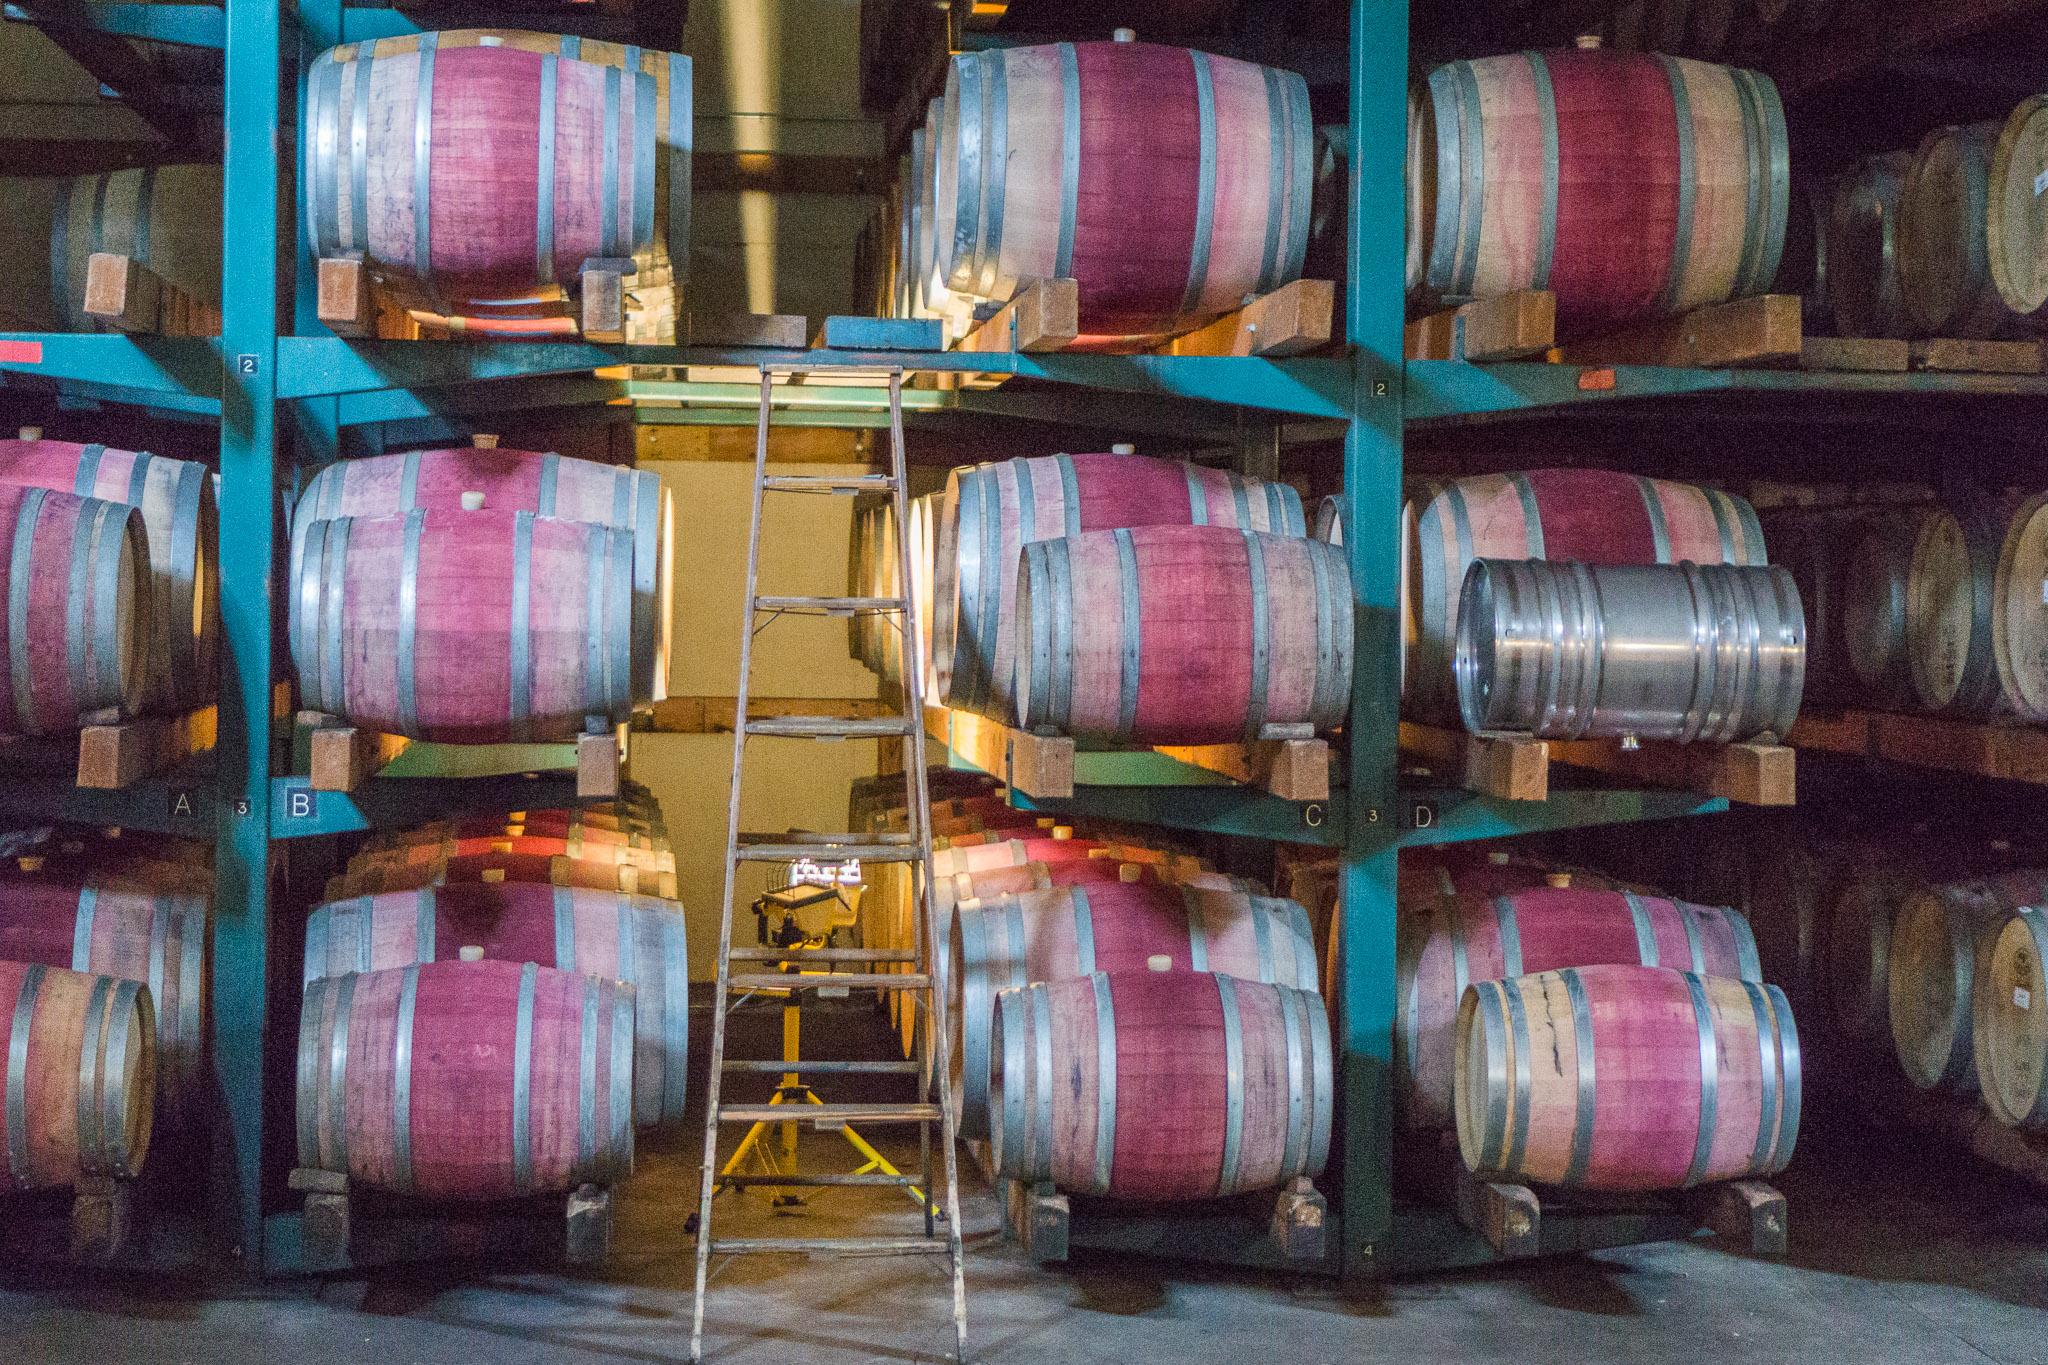 Aging barrels at Preston.